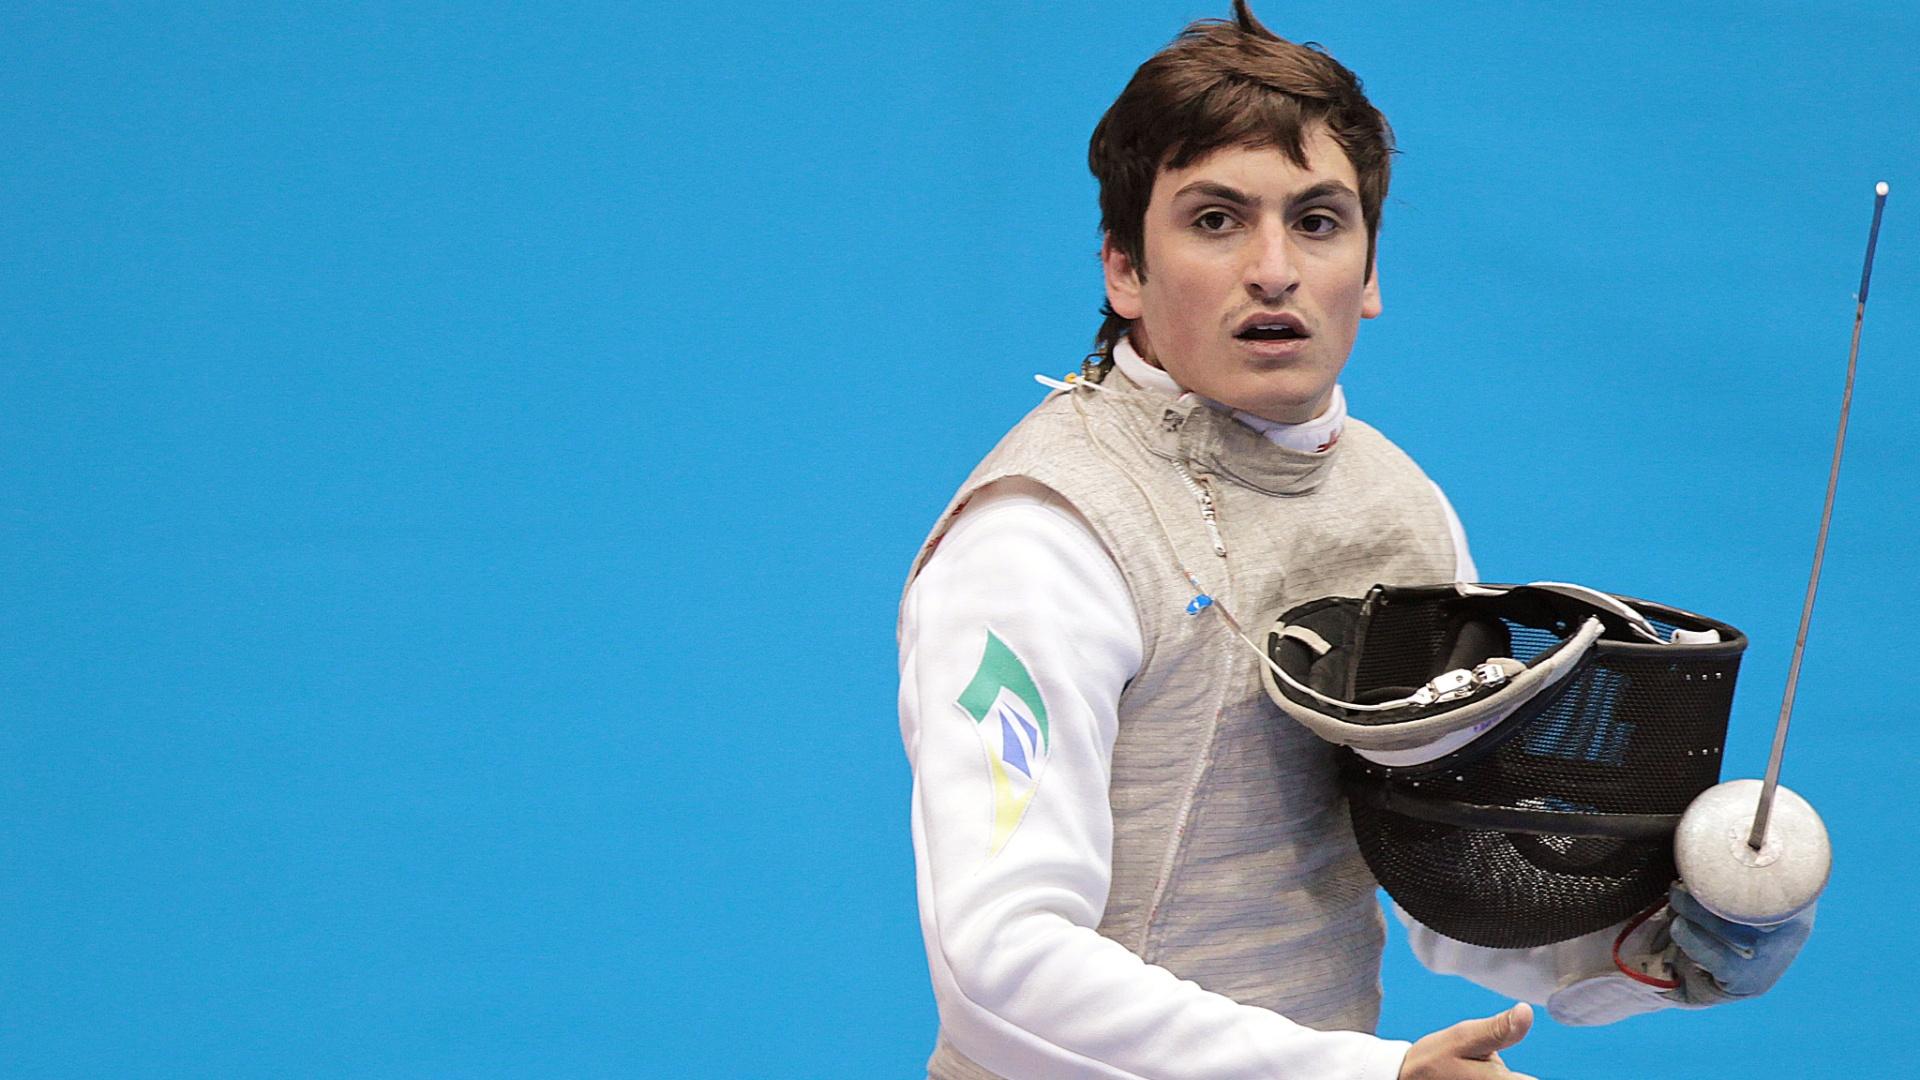 Guilherme Toldo caiu nas semifinais da esgrima, no florete, e ficou com o bronze (25/10/2011)